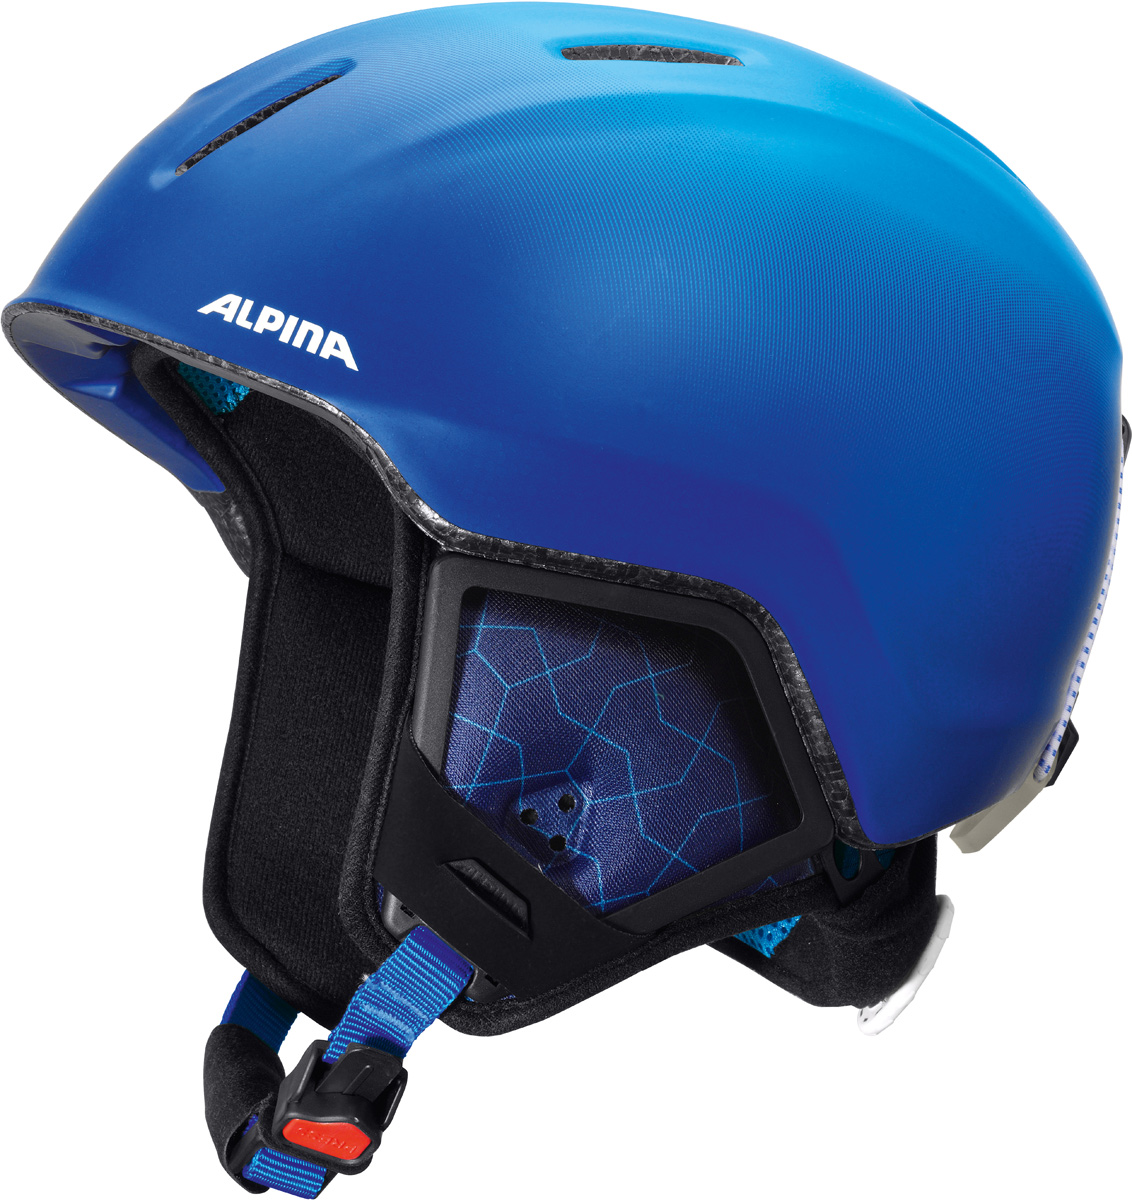 Шлем горнолыжный Alpina CARAT XT blue-gradient matt. Размер 51-55A9080_81Модификация популярнейшего детского горнолыжного шлема Carat с мягкими ушками, которые обеспечиваюь хорошую вентиляцию и не мешают слуху.• Вентиляционные отверстия препятствуют перегреву и позволяют поддерживать идеальную температуру внутри шлема. Для этого инженеры Alpina используют эффект Вентури, чтобы сделать циркуляцию воздуха постоянной и максимально эффективной.• Внутренник шлема легко вынимается, стирается, сушится и вставляется обратно.• Из задней части шлема можно достать шейный утеплитель из мякого микро-флиса. Этот теплый воротник также защищает шею от ударов на высокой скорости и при сибирских морозах. В удобной конструкции отсутствуют точки давления на шею.• Прочная и лёгкая конструкция In-mold. Тонкая и прочная поликарбонатная оболочка под воздействием высокой температуры и давления буквально сплавляется с гранулами EPS, которые гасят ударную нагрузку.• Внутренная оболочка каждого шлема Alpina состоит из гранул HI-EPS (сильно вспененного полистирола). Микроскопические воздушные карманы эффективно поглощают ударную нагрузку и обеспечивают высокую теплоизоляцию. Эта технология позволяет достичь минимальной толщины оболочки. А так как гранулы HI-EPS не впитывают влагу, их защитный эффект не ослабевает со временем.• Удобная и точная система регулировки Run System Ergo Snow позволяет быстро и комфортно подогнать шлем по голове, без создания отдельных точек избыточного давления.• Y-образный ремнераспределитель двух ремешков находится под ухом и обеспечивает быструю и точную посадку шлема на голове.• Вместо фастекса на ремешке используется красная кнопка с автоматическим запирающим механизмом, которую легко использовать даже в лыжных перчатках. Механизм защищён от произвольного раскрытия при падении.